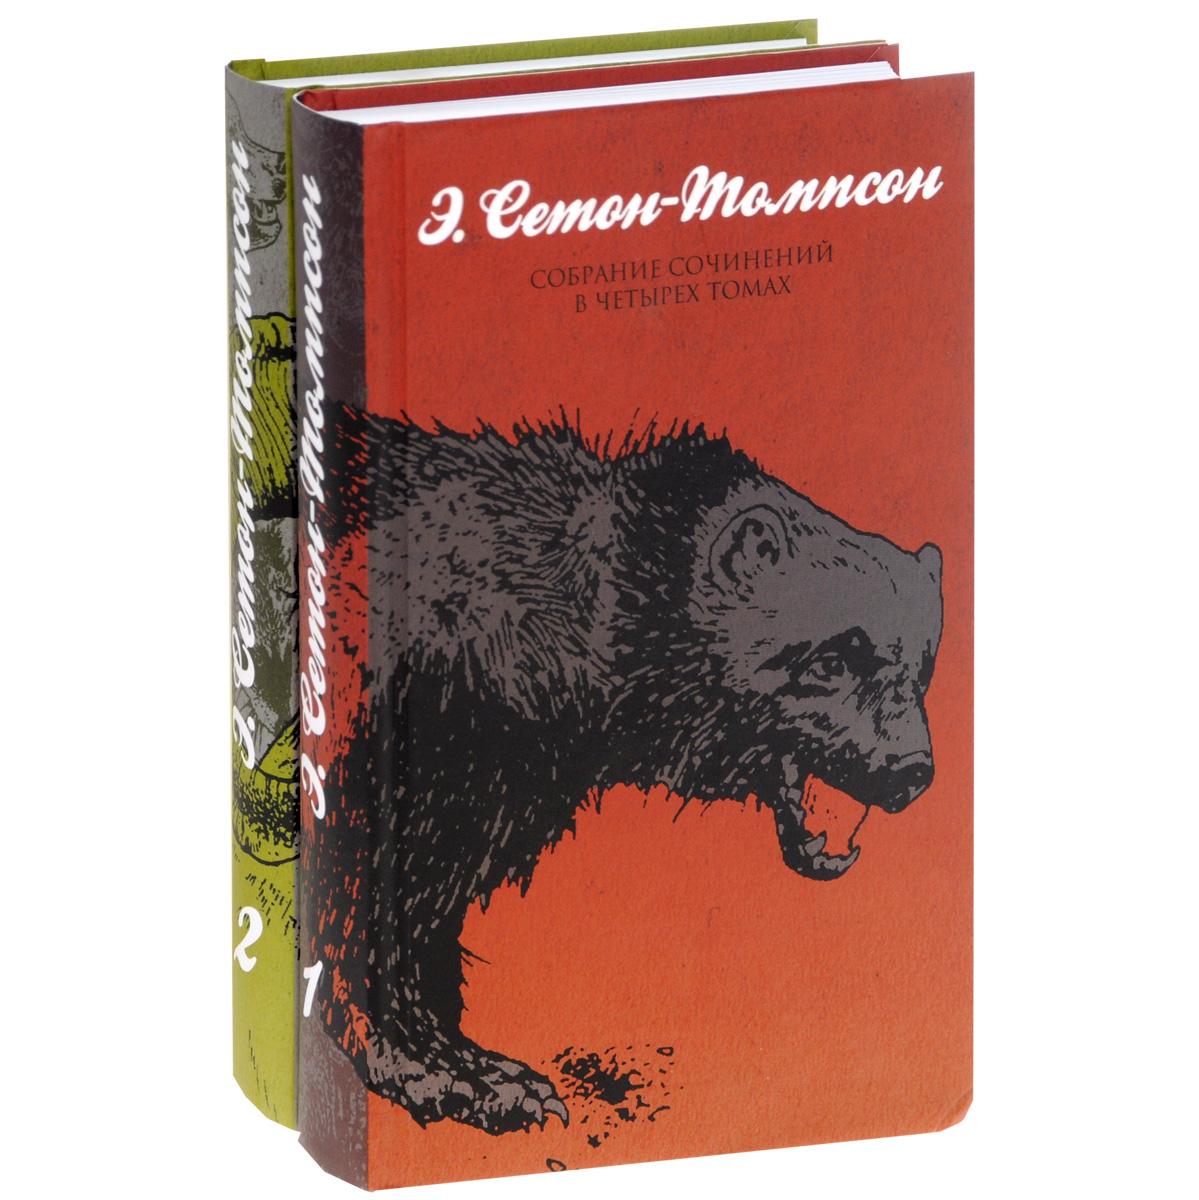 купить Э. Сетон-томпсон Э. Сетон-томпсон. Собрание сочинений. В 4 томах. Тома 1, 2 онлайн